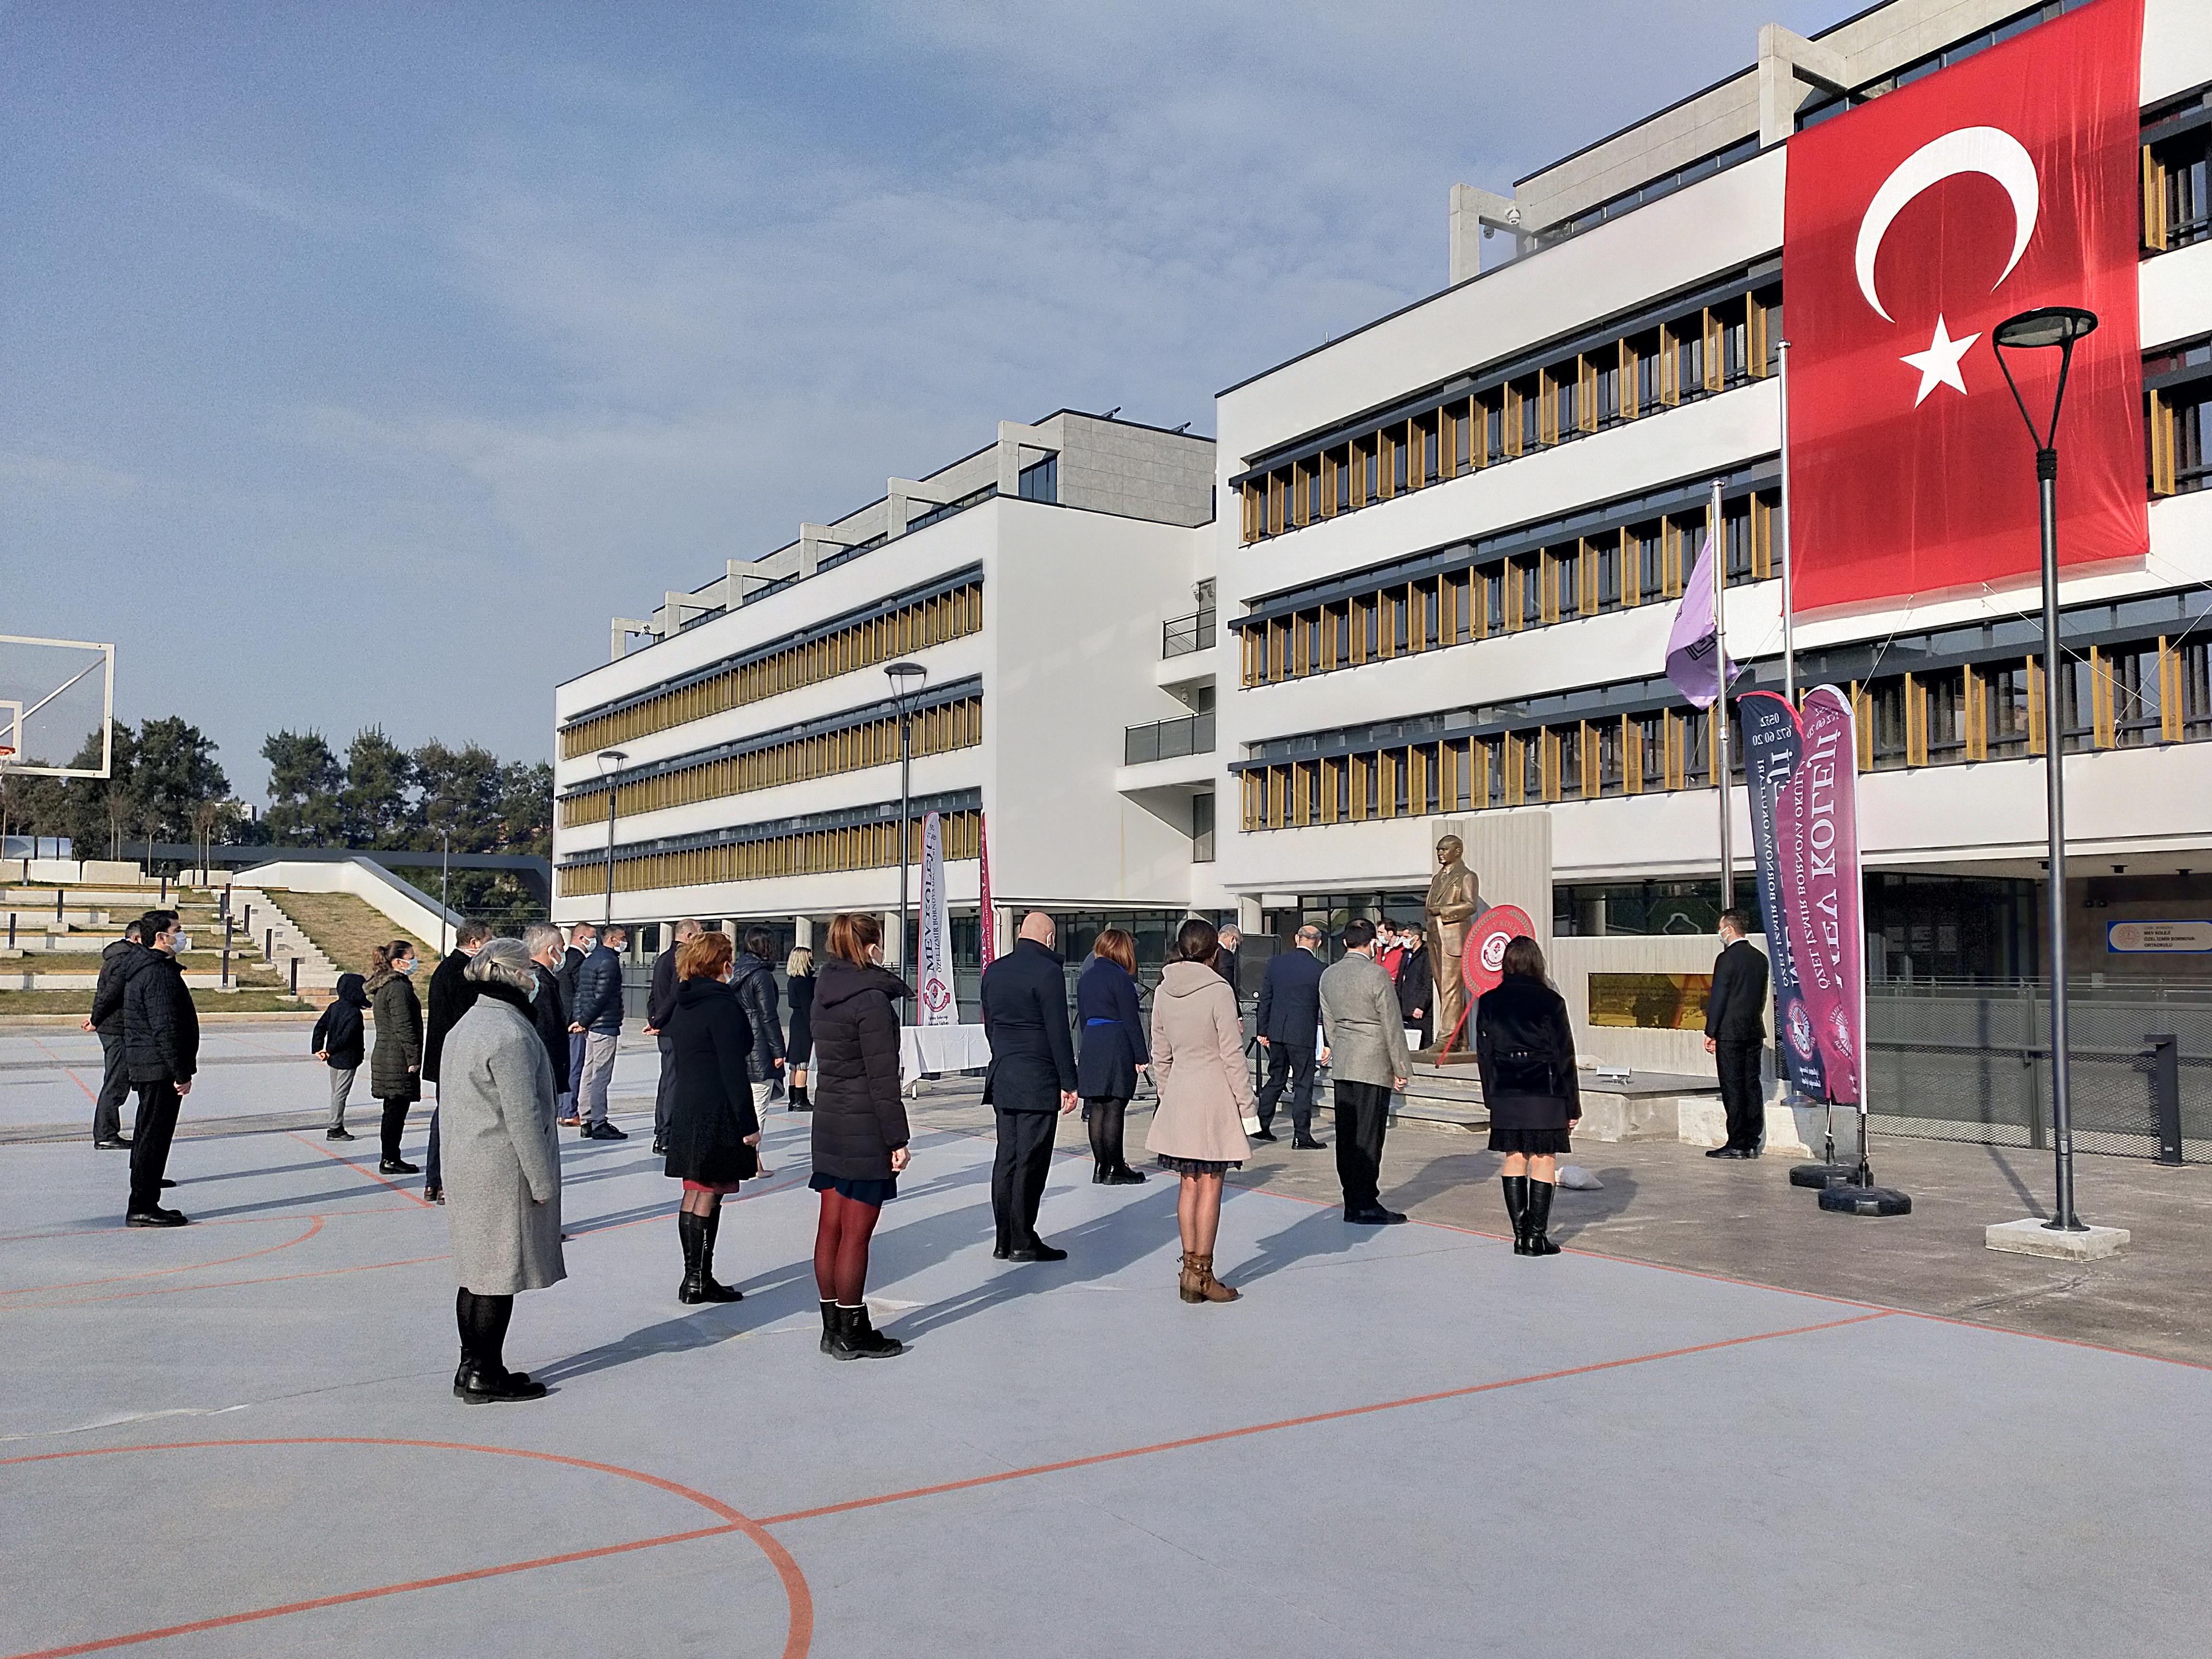 Milli Eğitim Vakfı 40. yaşını kutluyor